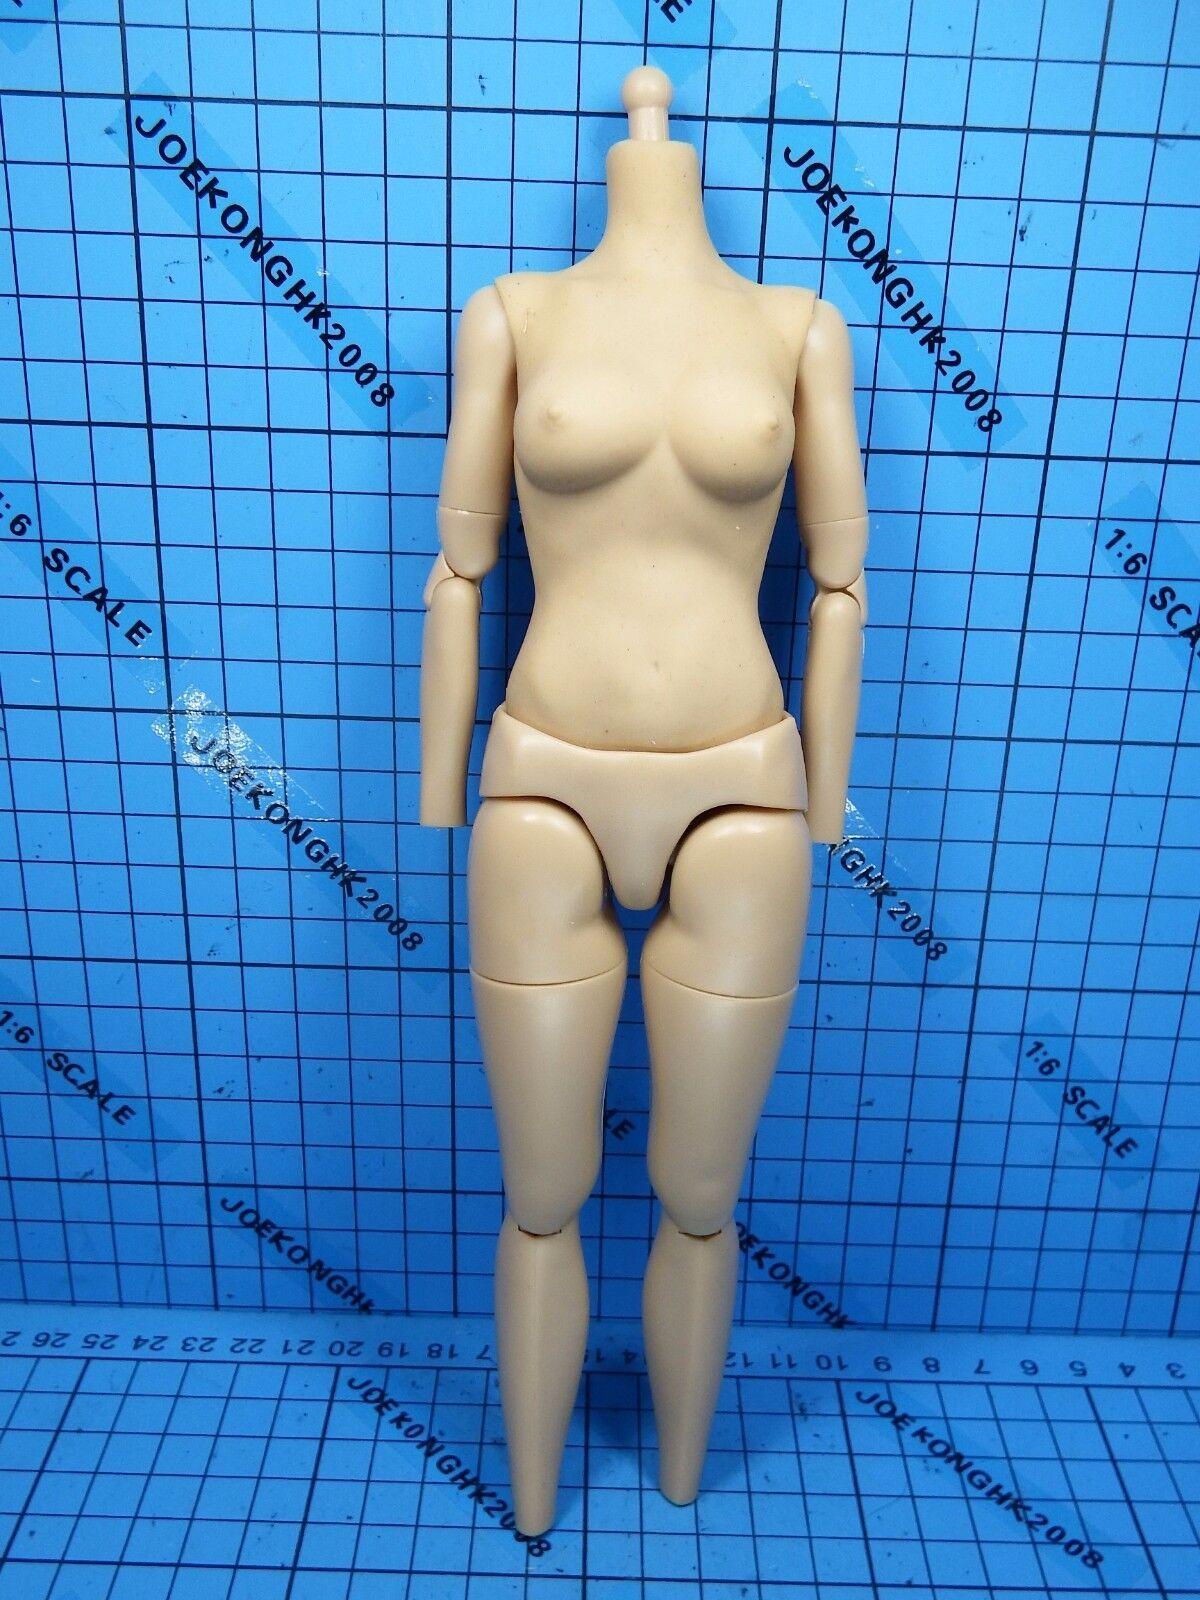 Heißes spielzeug bis 6 der geist mms92 silken floss bild - weiche brust muskulösen körper